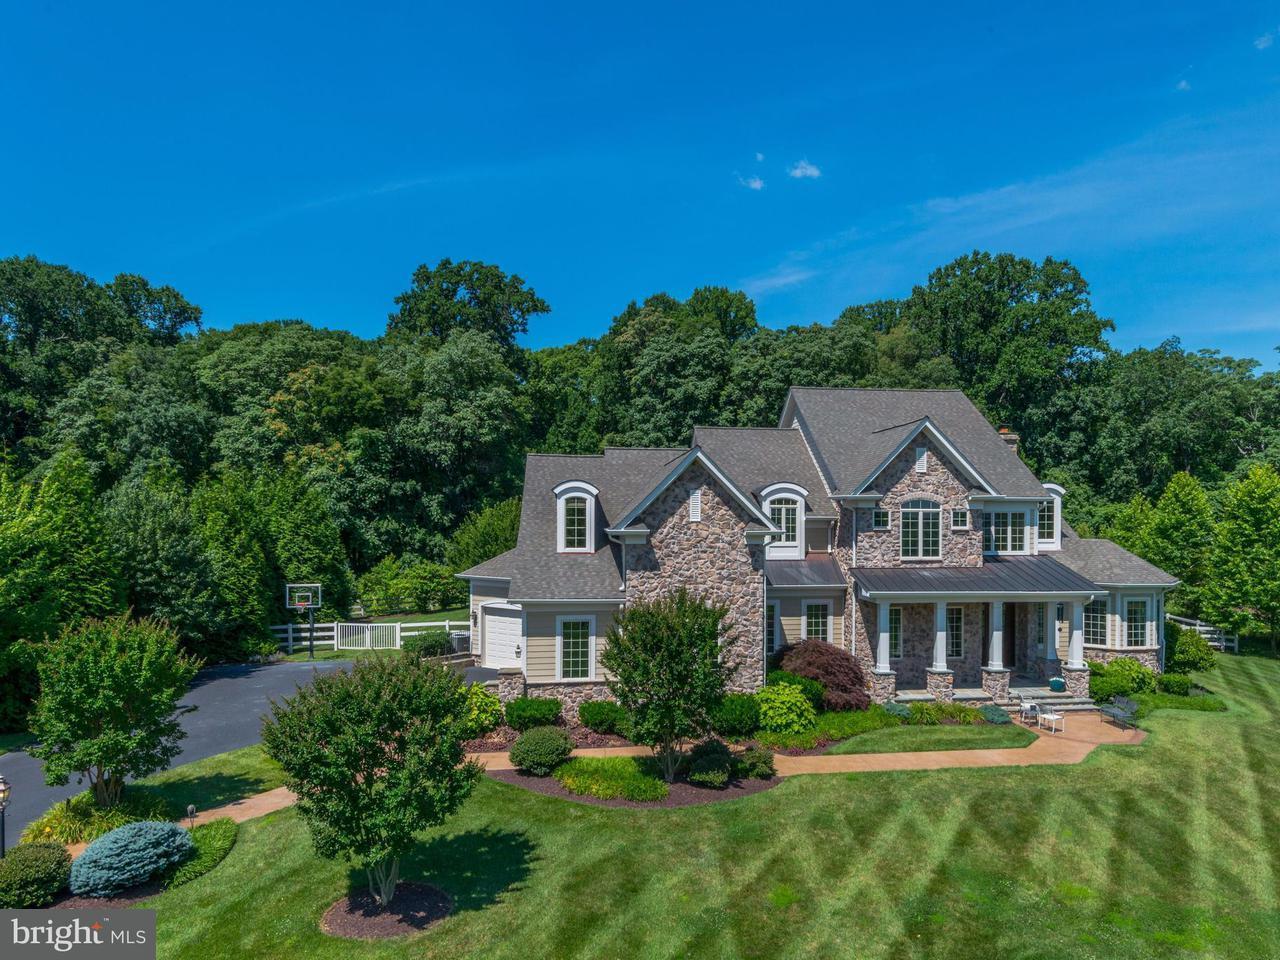 Maison unifamiliale pour l Vente à 14412 MEADOW MILL WAY 14412 MEADOW MILL WAY Glenwood, Maryland 21738 États-Unis